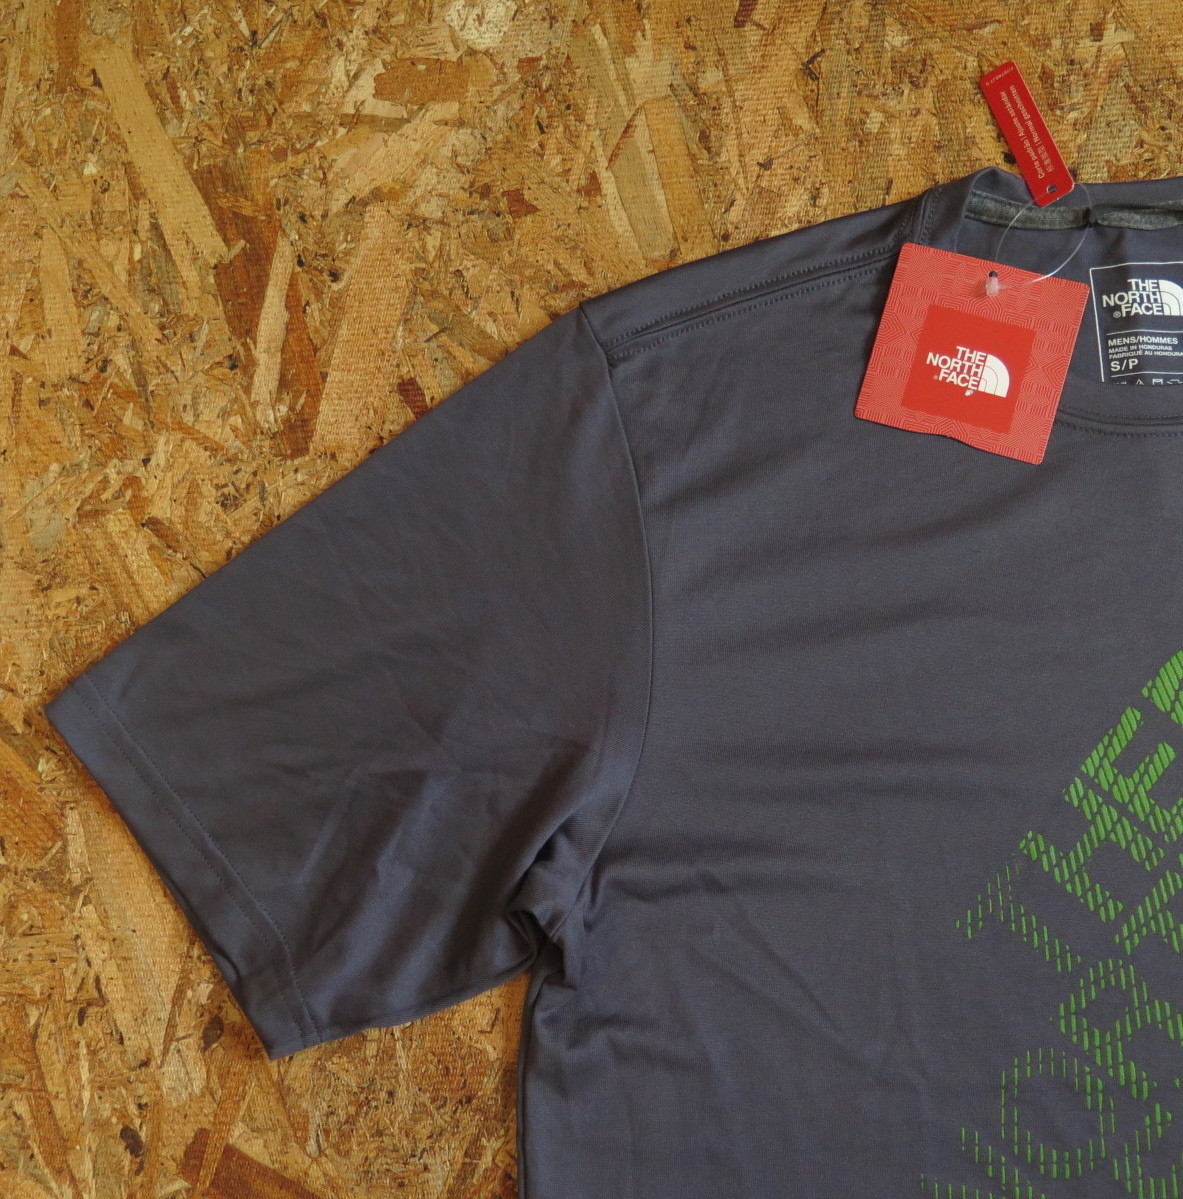 新品☆本物 NY購入 THE NORTH FACE ロゴ Tシャツ Mサイズ ノースフェイス LOGO S/S TEE USA限定 日本未発売モデル T-SHIRT D.GRAY/GREEN_画像6